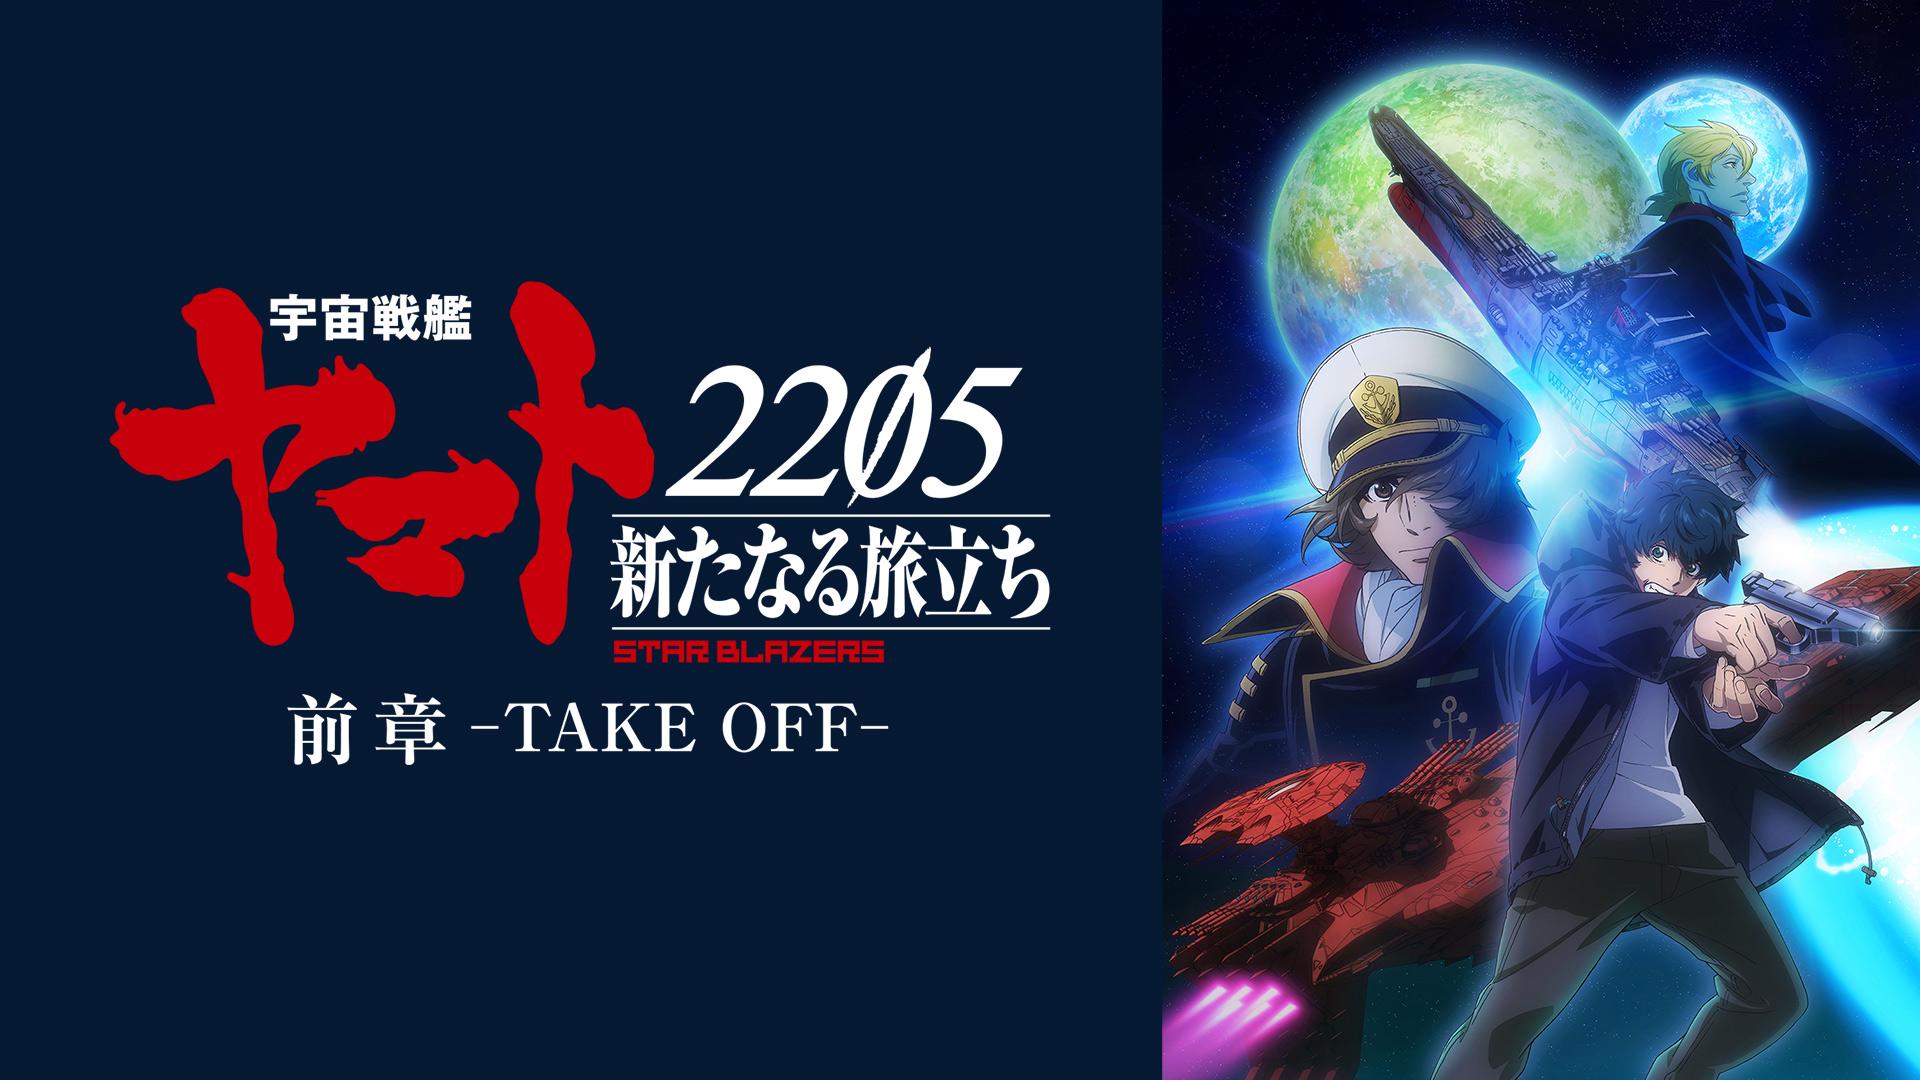 「宇宙戦艦ヤマト2205 新たなる旅立ち」前章 -TAKE OFF-(セル版・特典付き)